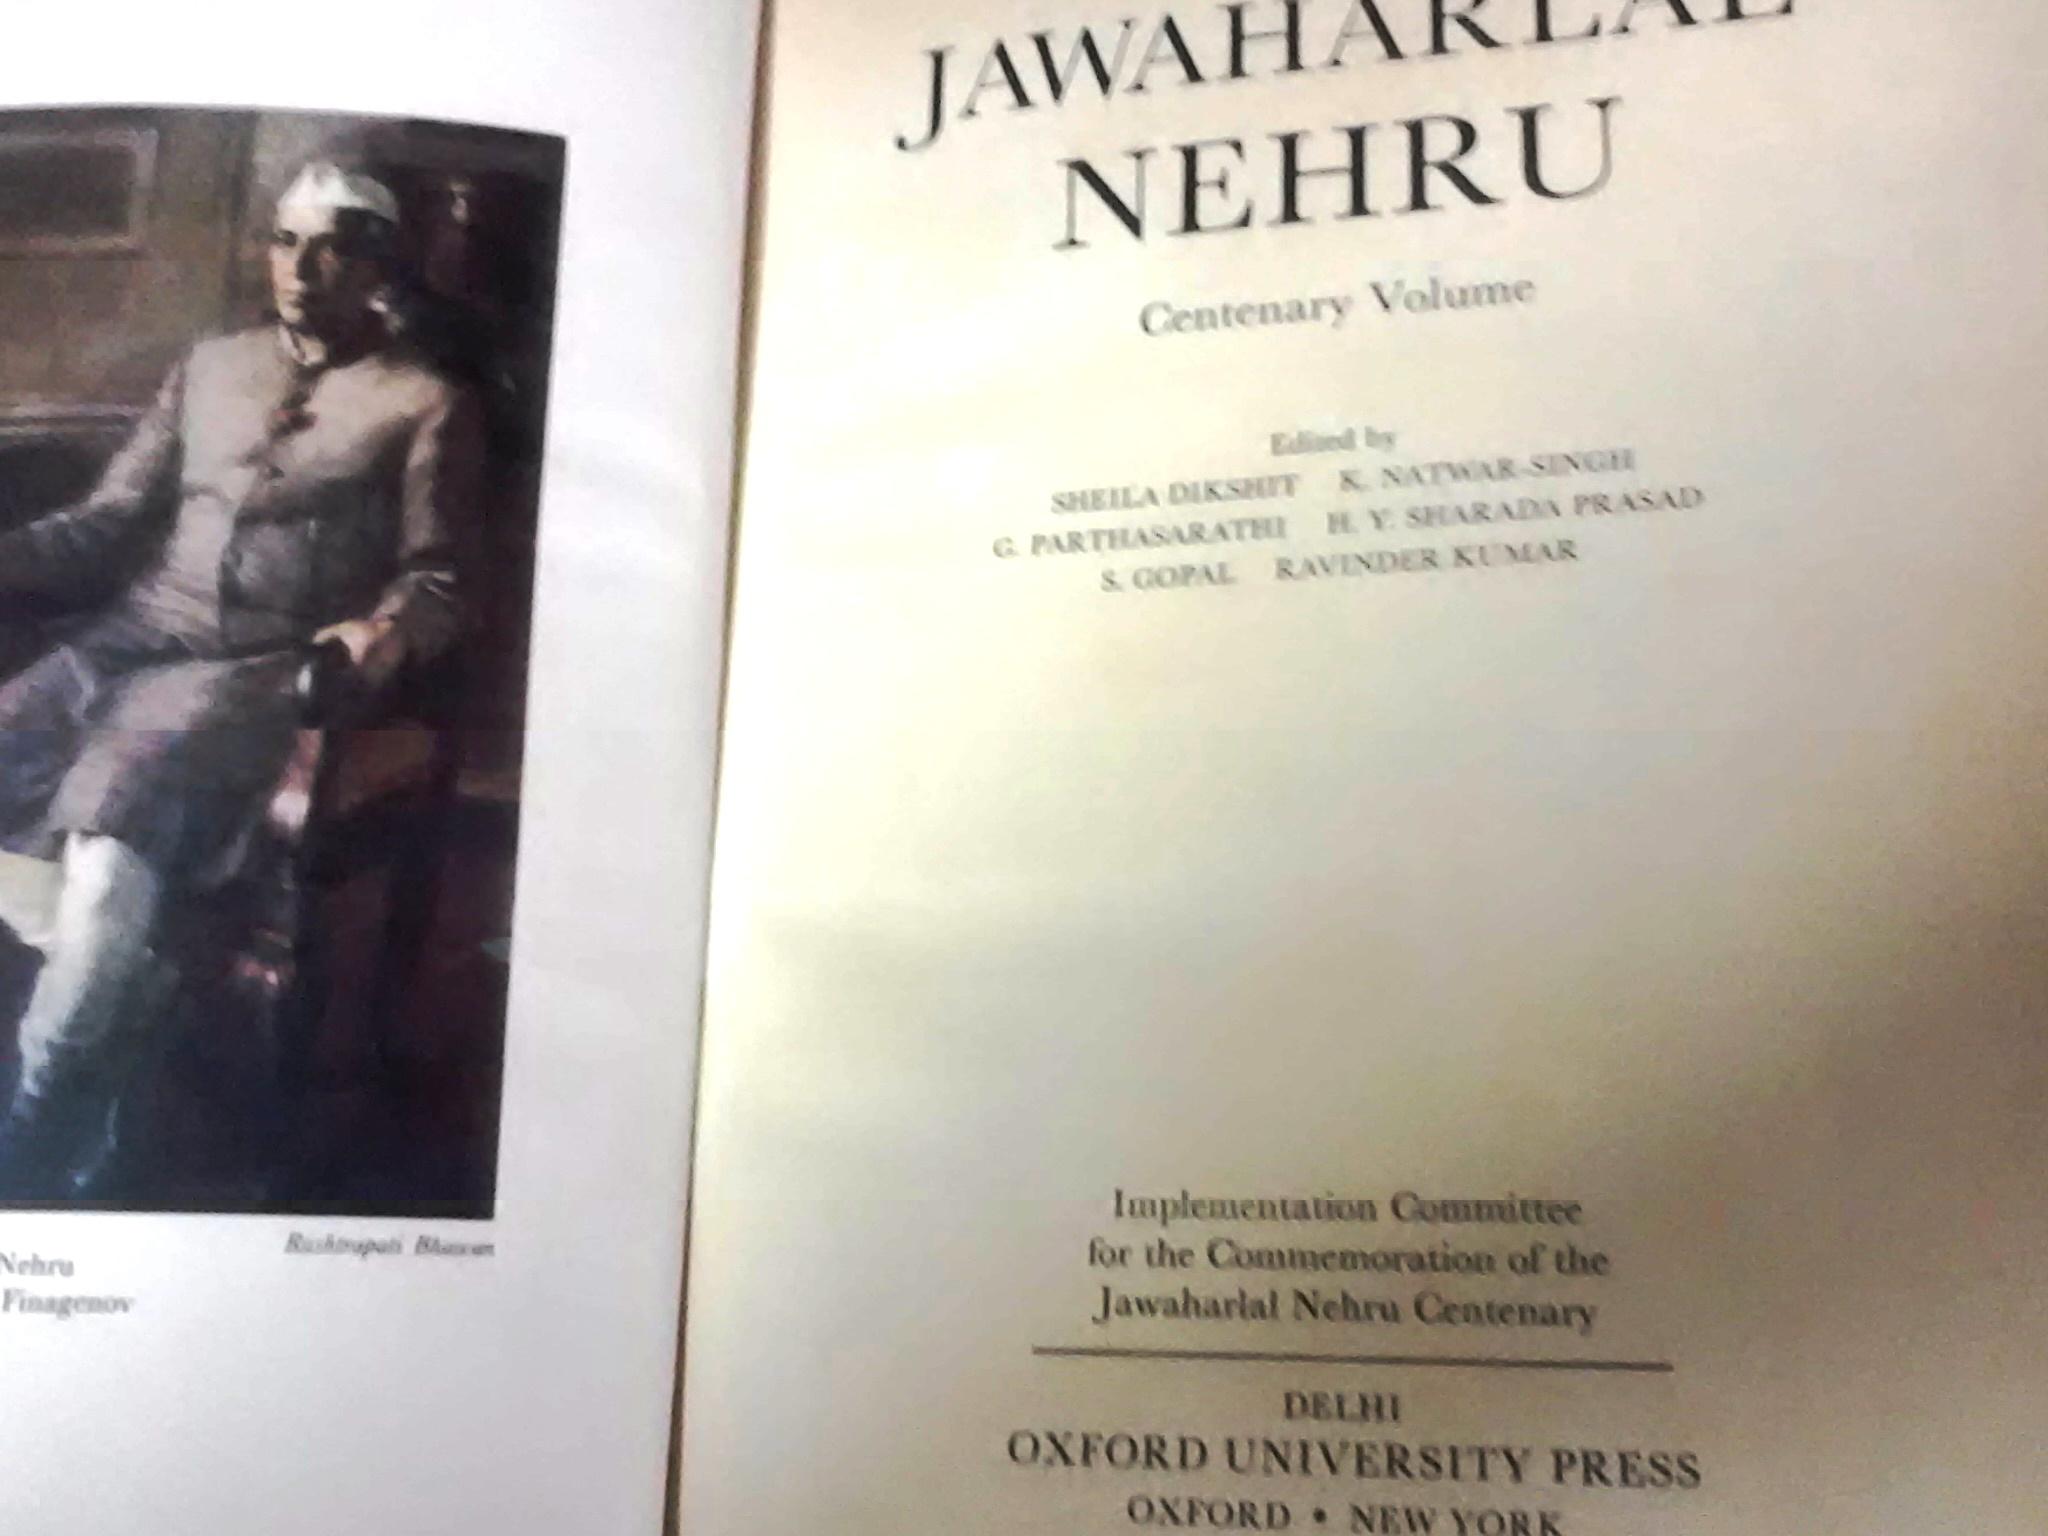 nehru100